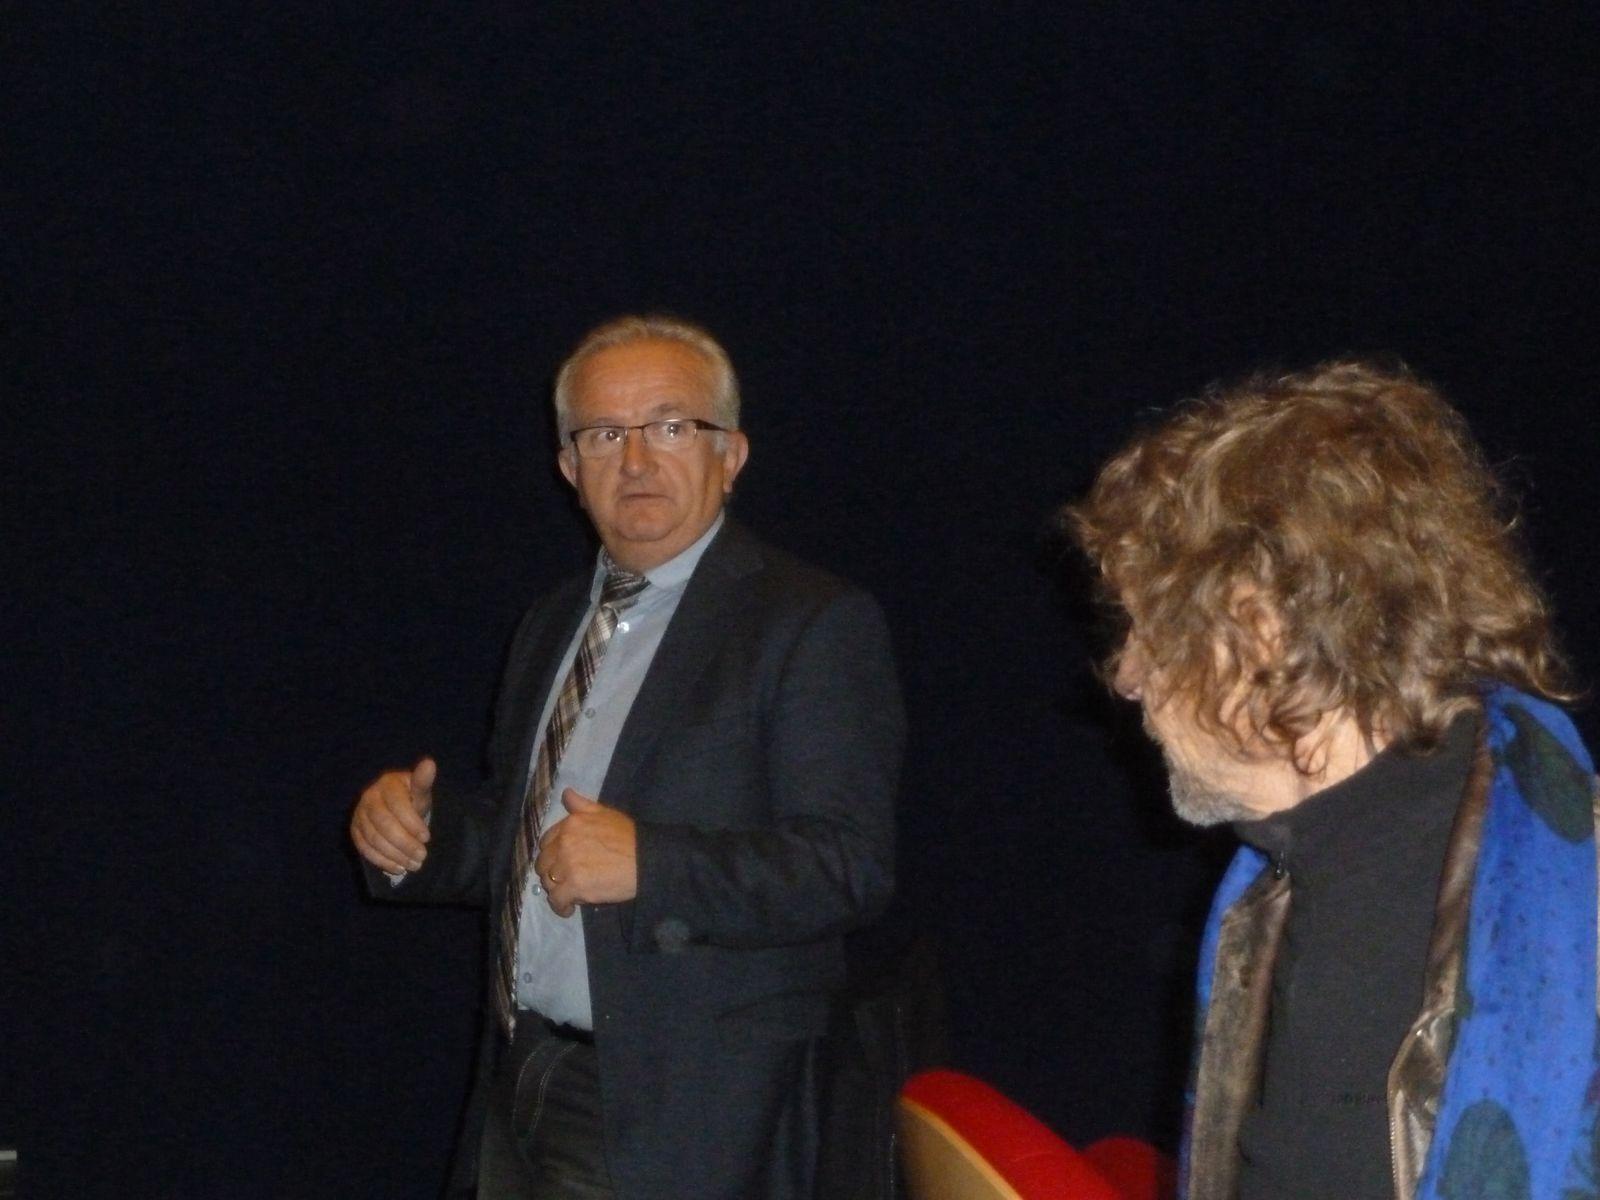 Ouverture Mois du Film Documentaire   / Cinéma le Trianon Marvejols Lozère / Monsieur Louis Galtier,  Directeur de la BDP 48 / Luc Decaster , réalisateur